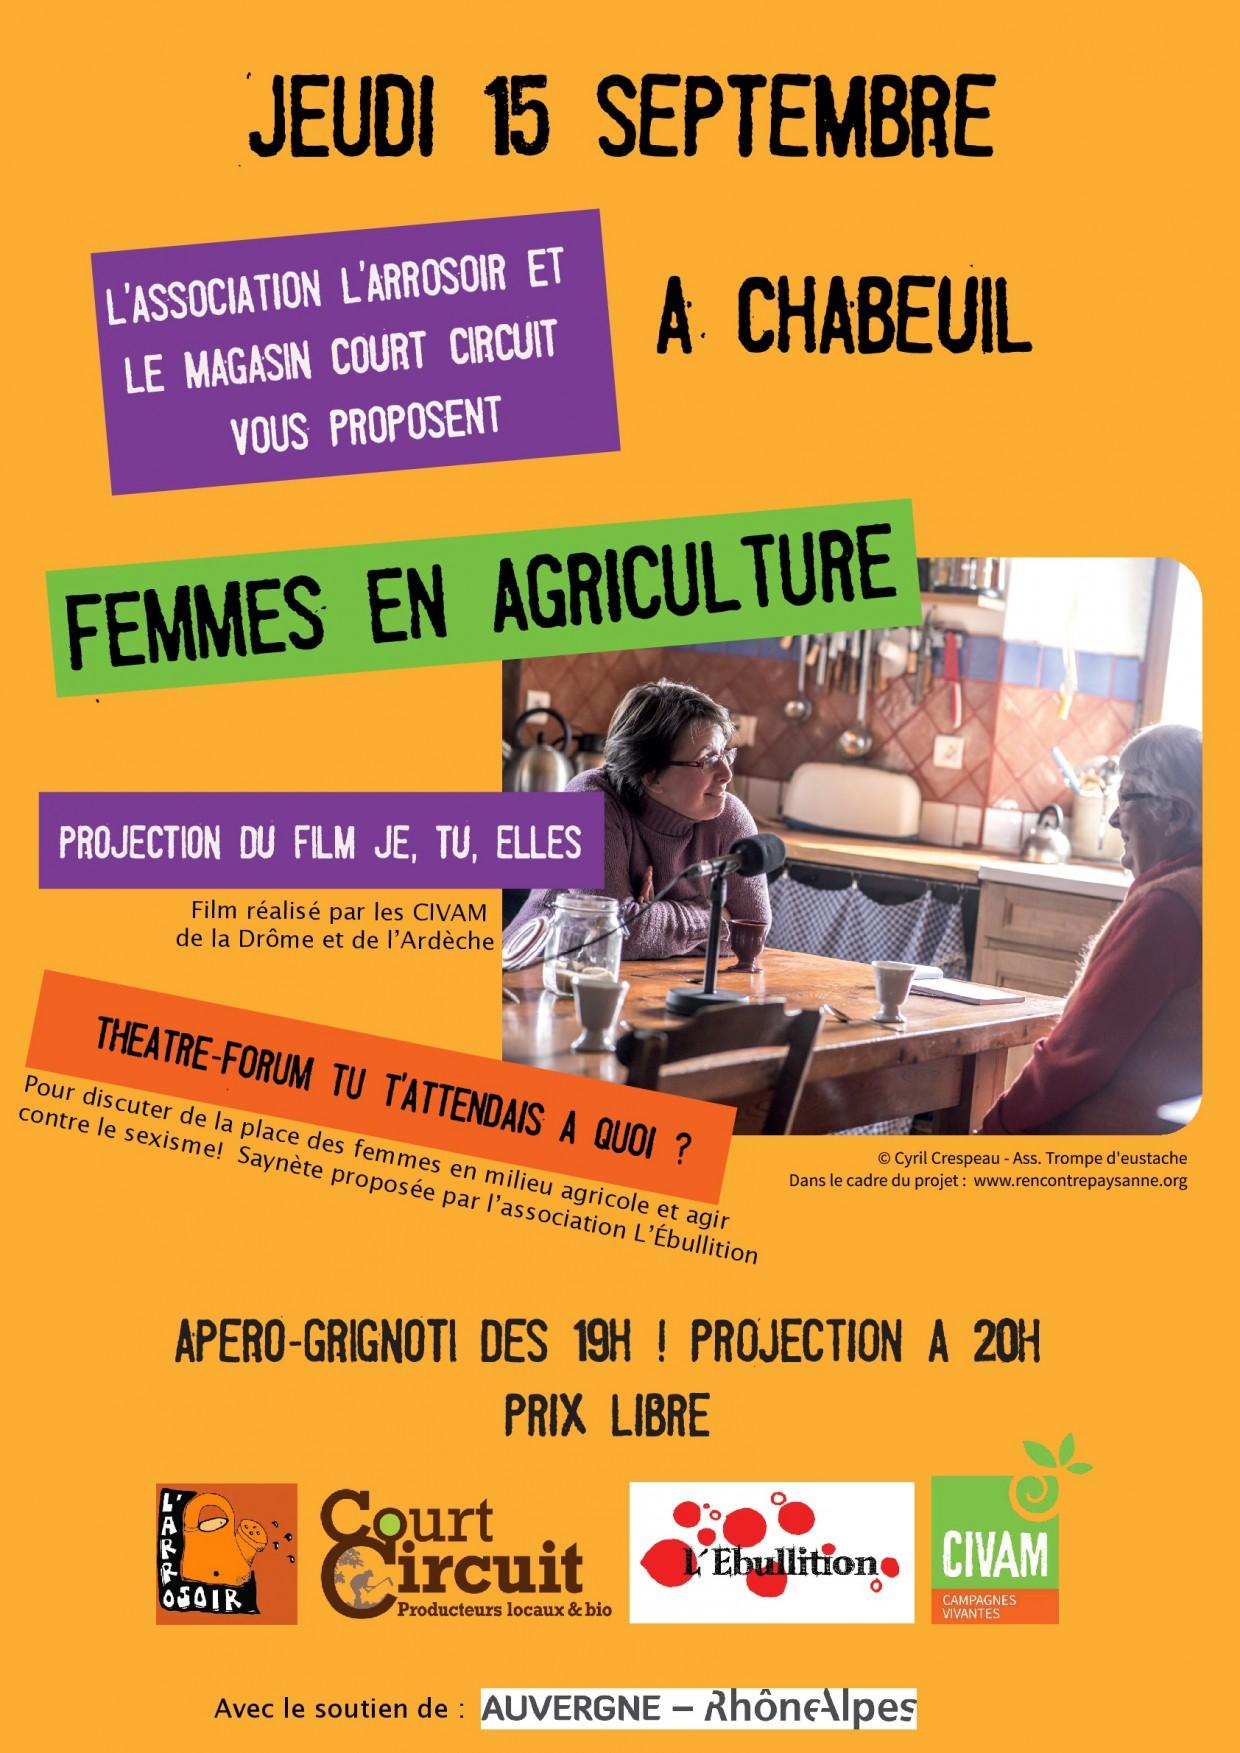 PROJECTION et THÉÂTRE FORUM AUTOUR DES FEMMES EN AGRICULTURE